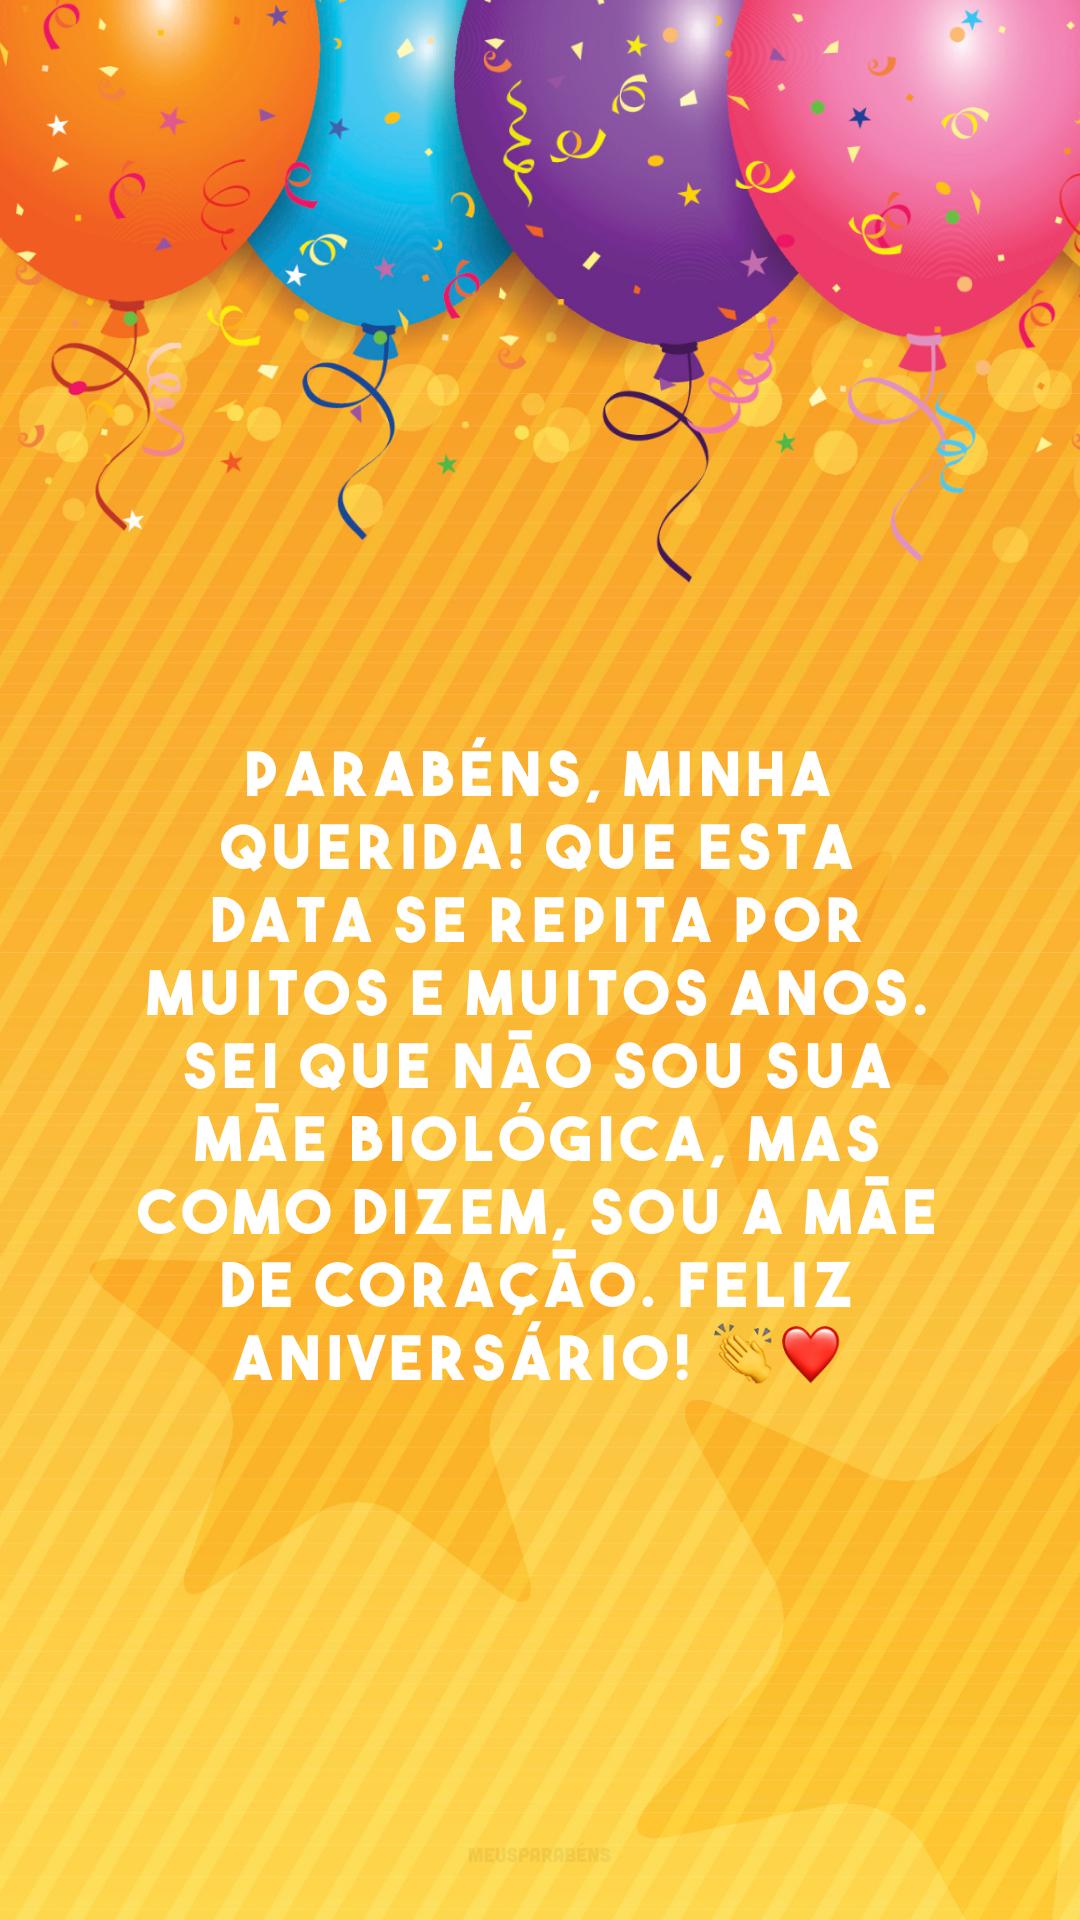 Parabéns, minha querida! Que esta data se repita por muitos e muitos anos. Sei que não sou sua mãe biológica, mas como dizem, sou a mãe de coração. Feliz aniversário! 👏❤️